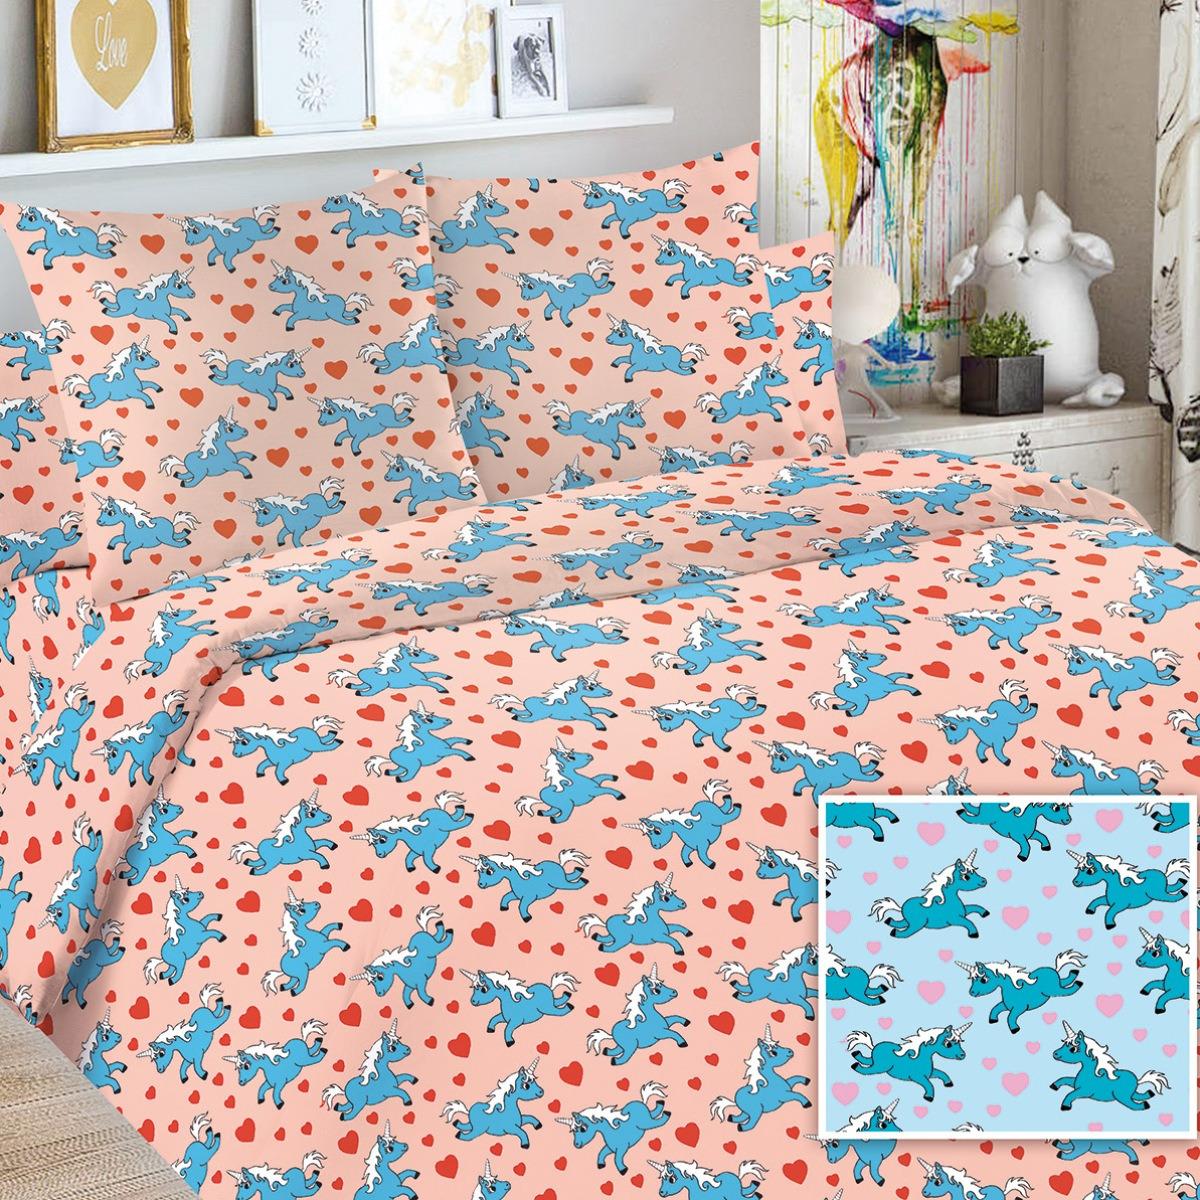 Детский комплект постельного белья Letto Единорог, edinorog50, розовый, 1,5 спальный, наволочка 50x70